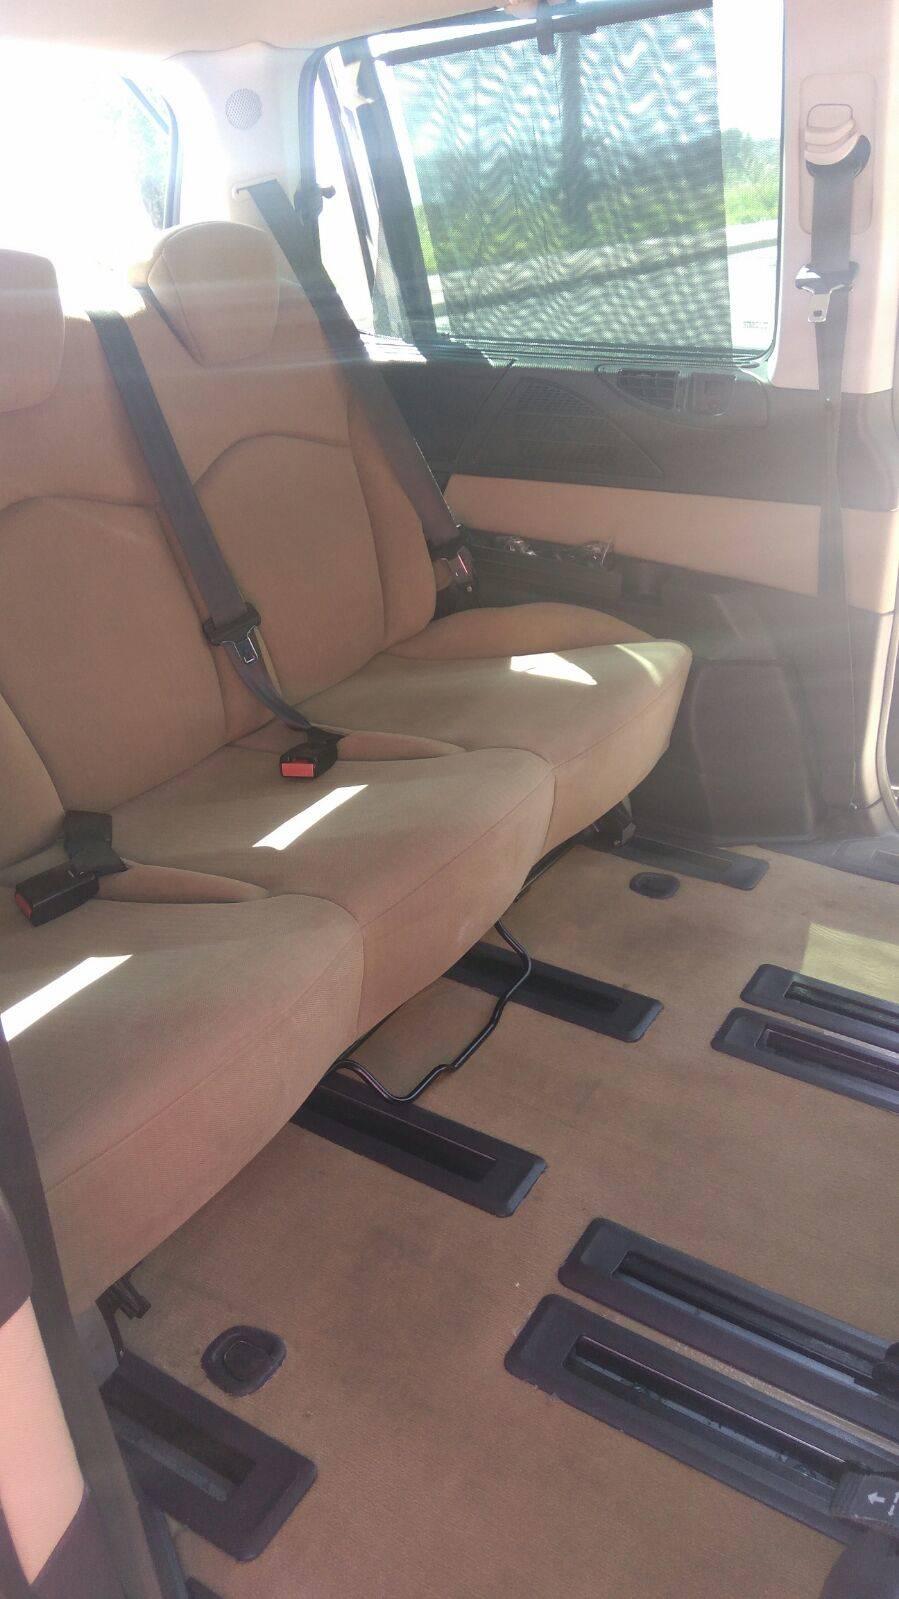 Coche Monuvolumen Fiat Ulysse 8 Plazas Diesel - Cadiz